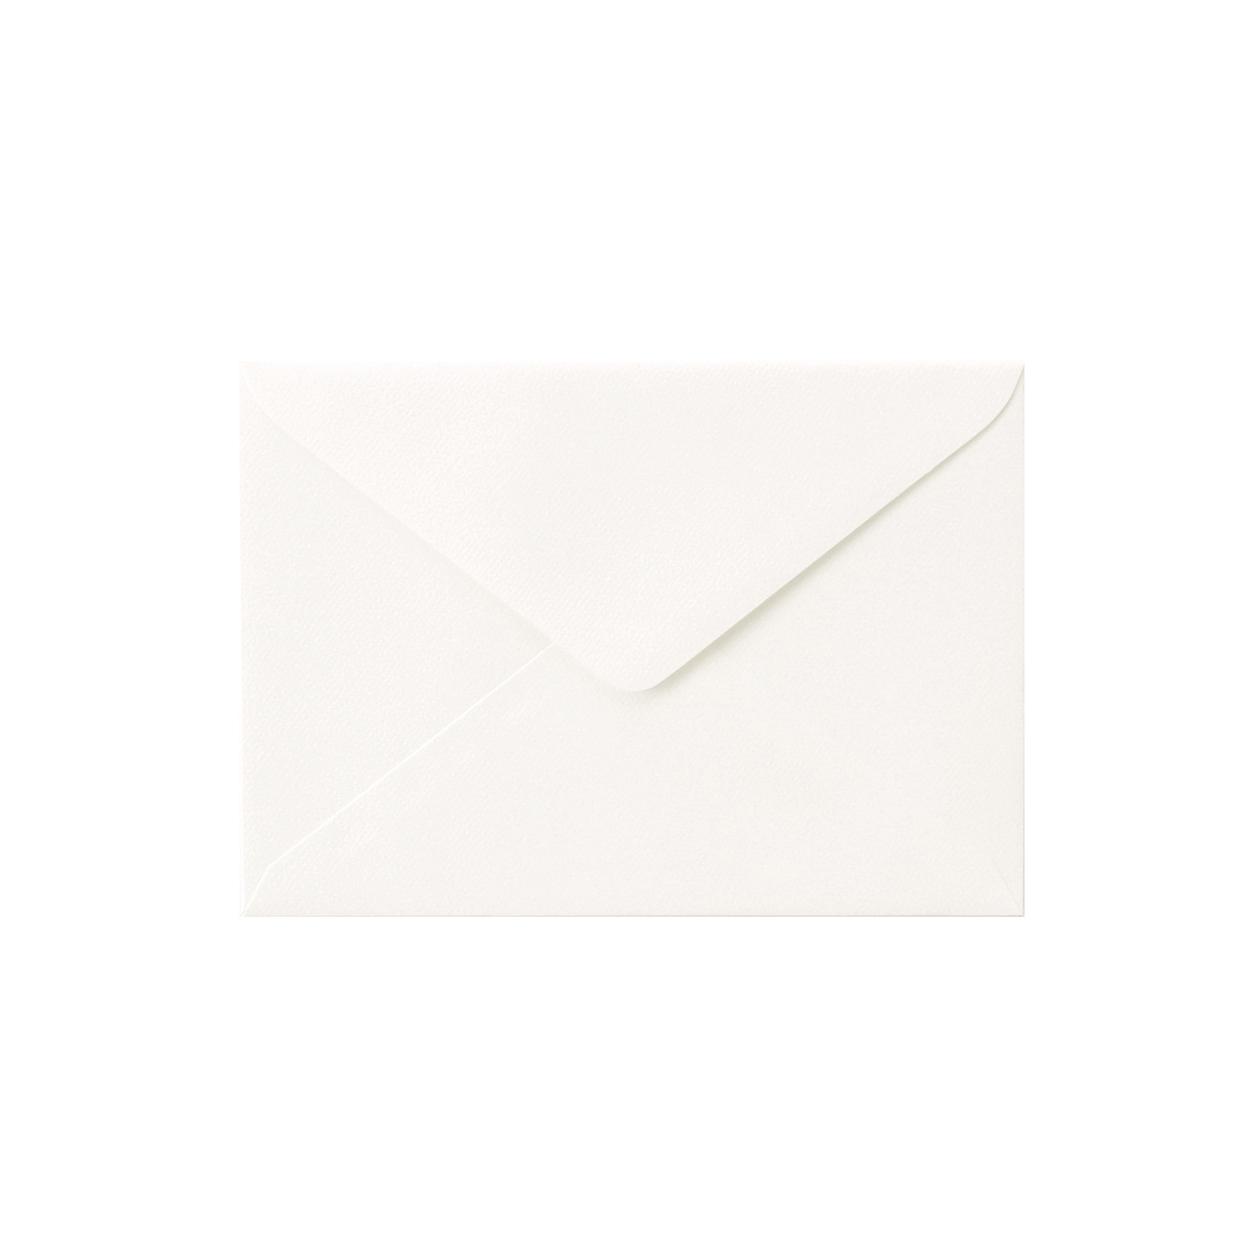 洋2ダイア封筒 ボス ユキ 104.7g